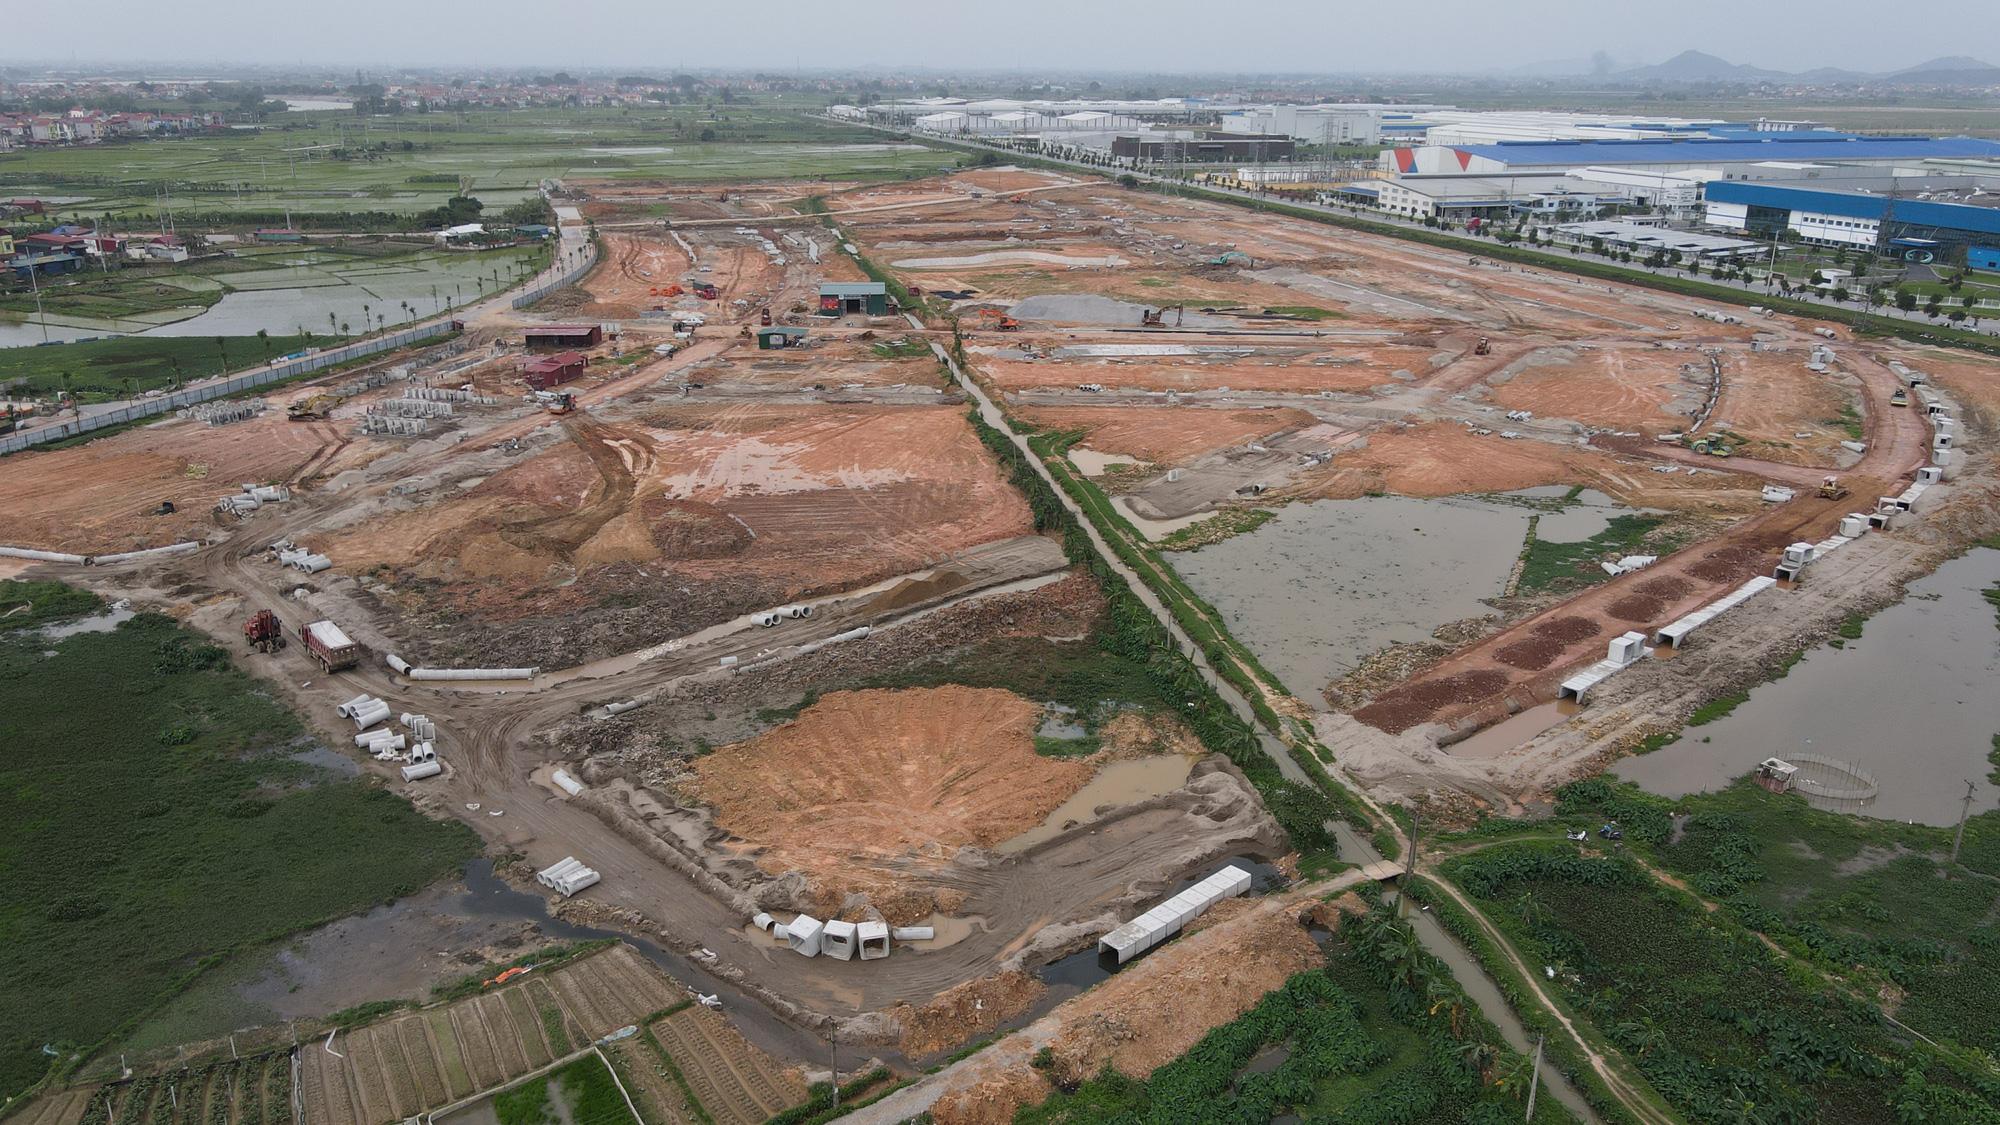 Bắc Ninh yêu cầu tạm dừng việc san lấp tại KCN Nam Sơn - Hạp Lĩnh mở rộng - Ảnh 1.